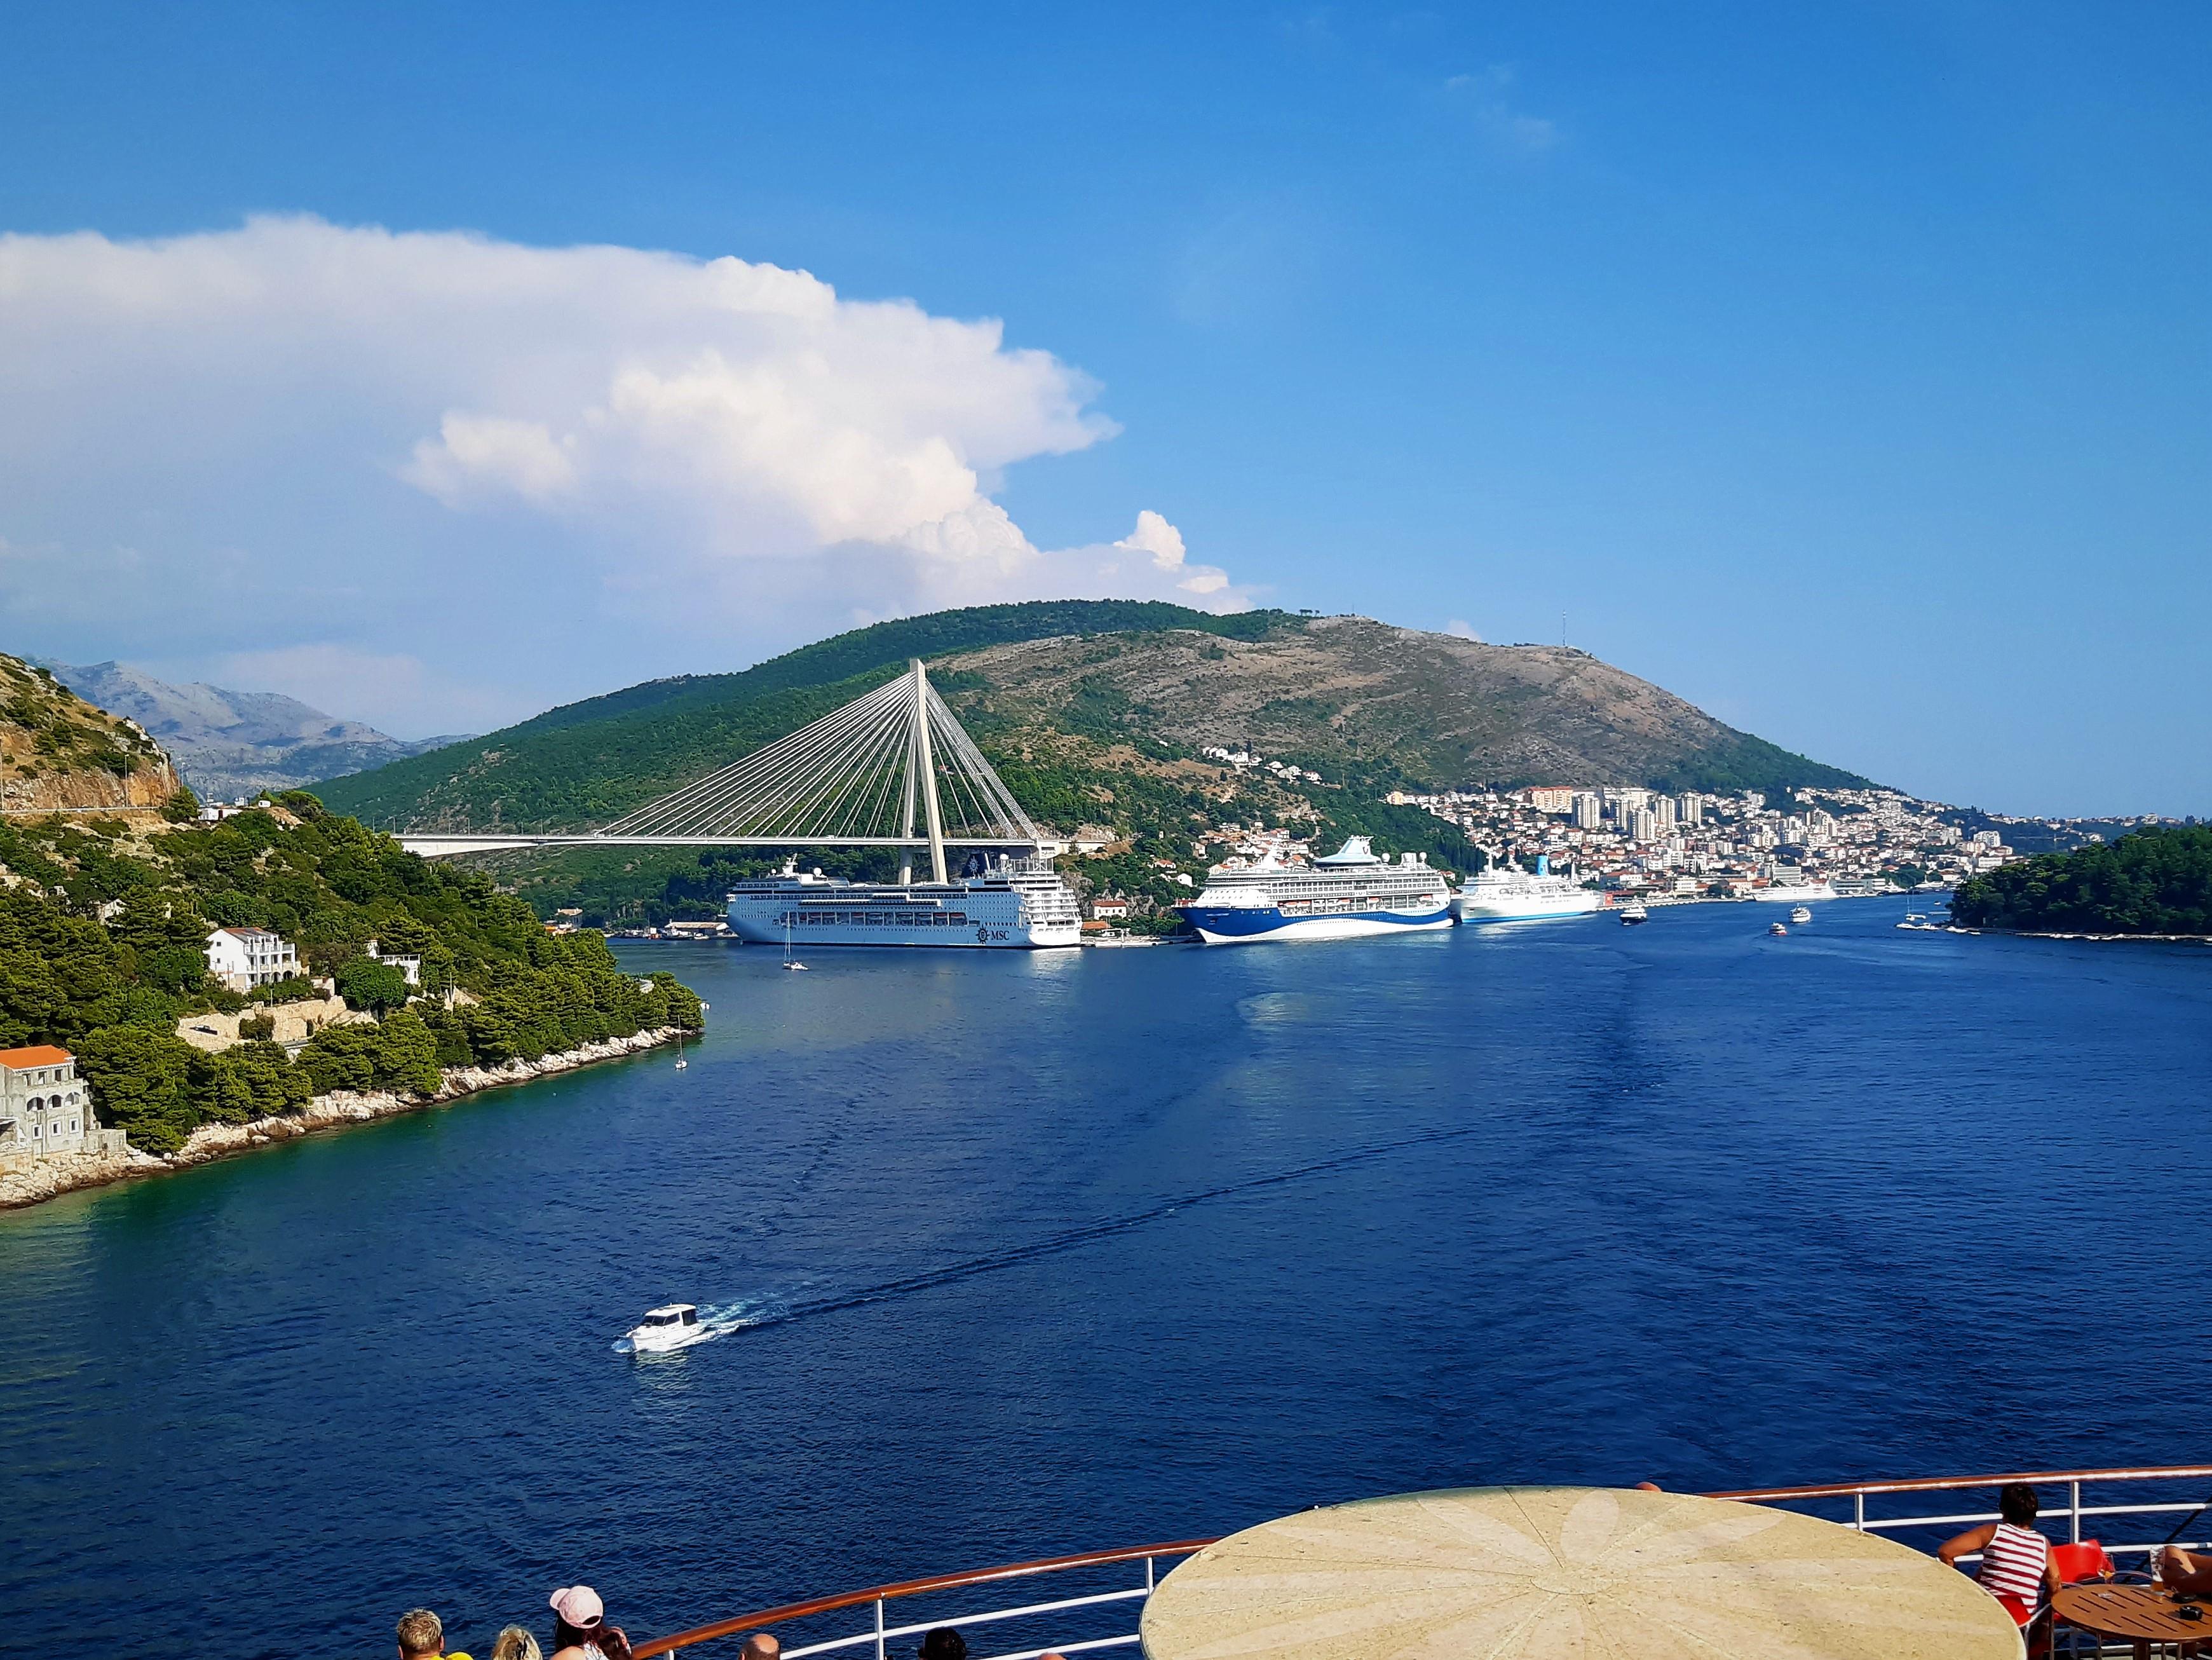 Ausfahrt aus dem Hafen von Dubrovnik